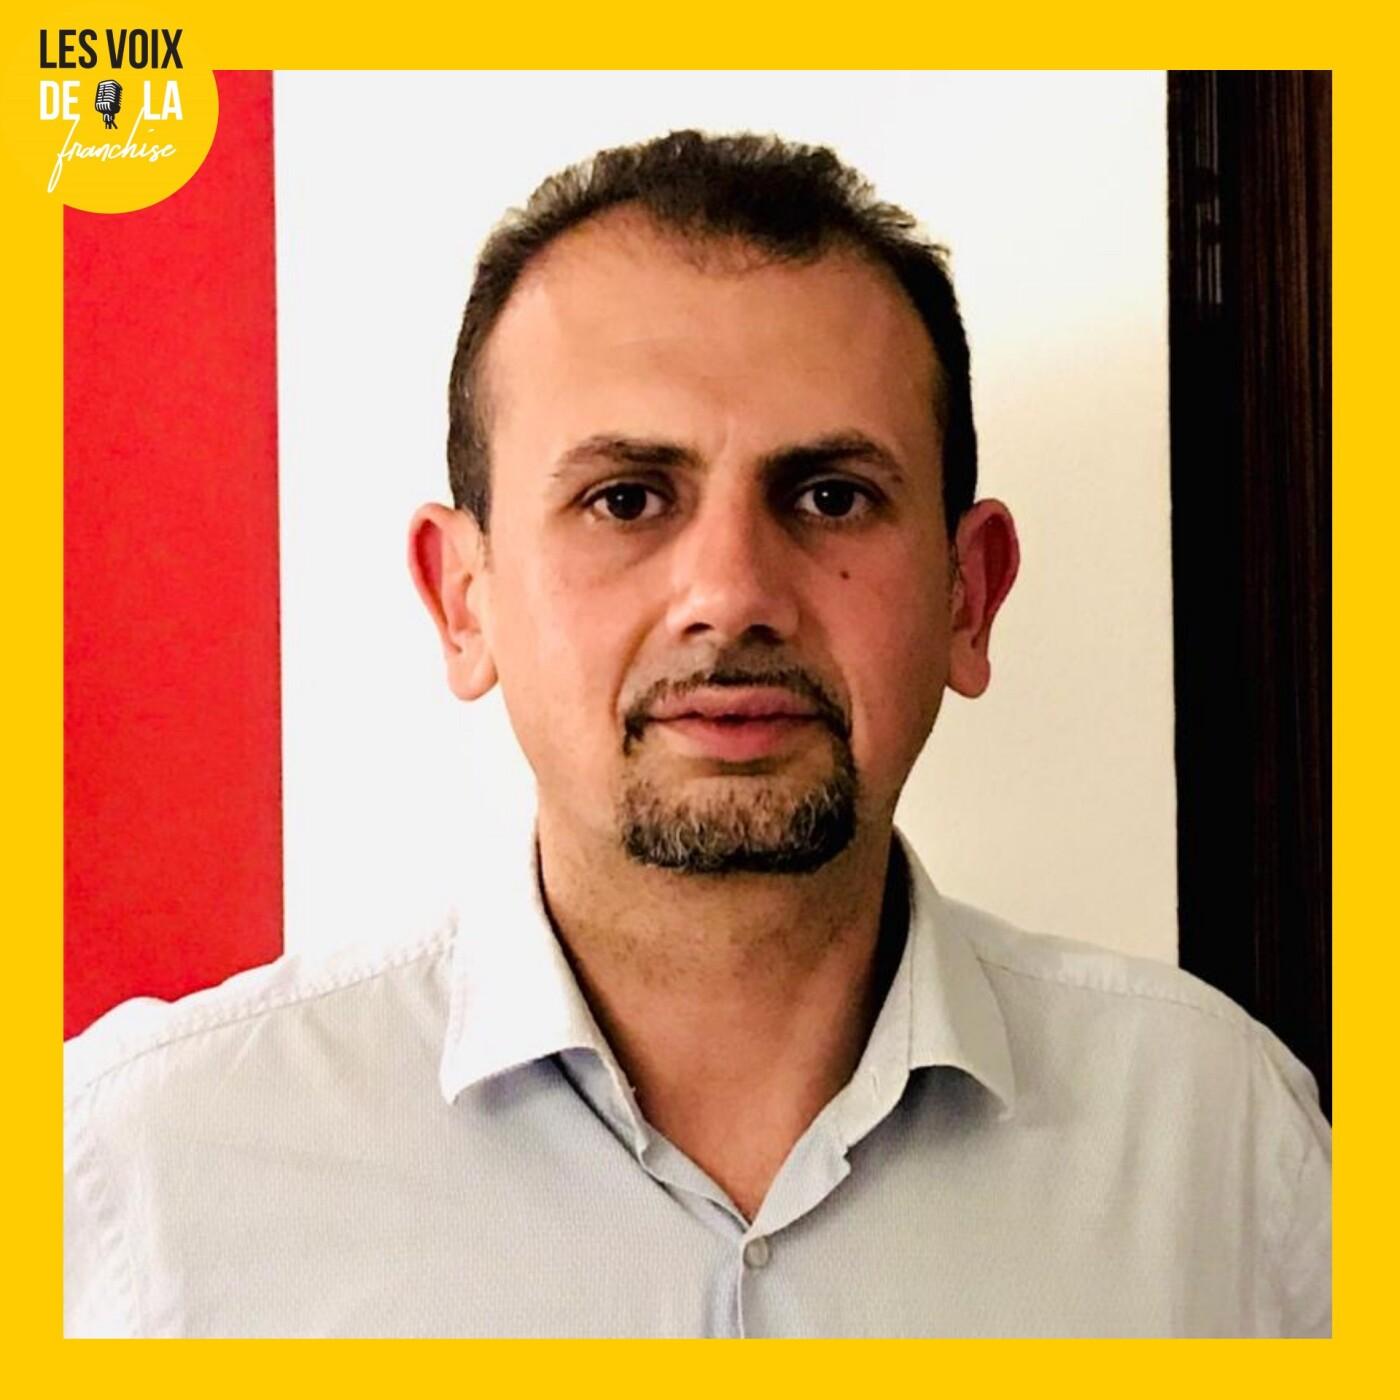 18 - David Amiouni - KeepCool - Industrialiser la personnalisation pour un parcours unique en proximite !